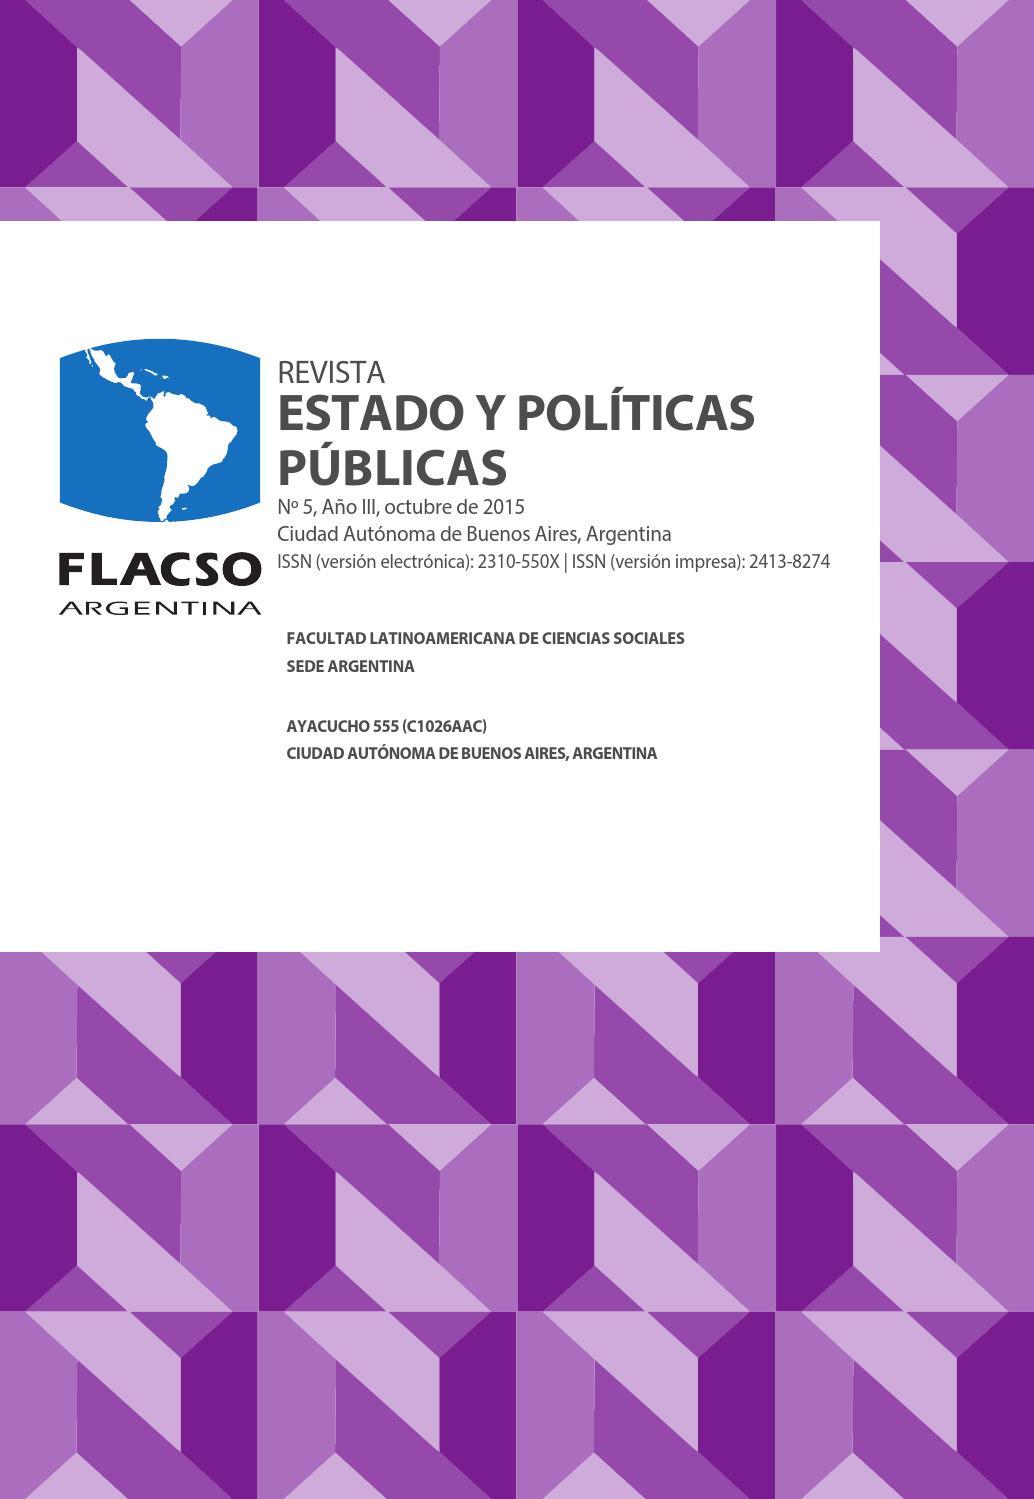 Revista Estado y Políticas Públicas Nº5 by Emiliano - issuu